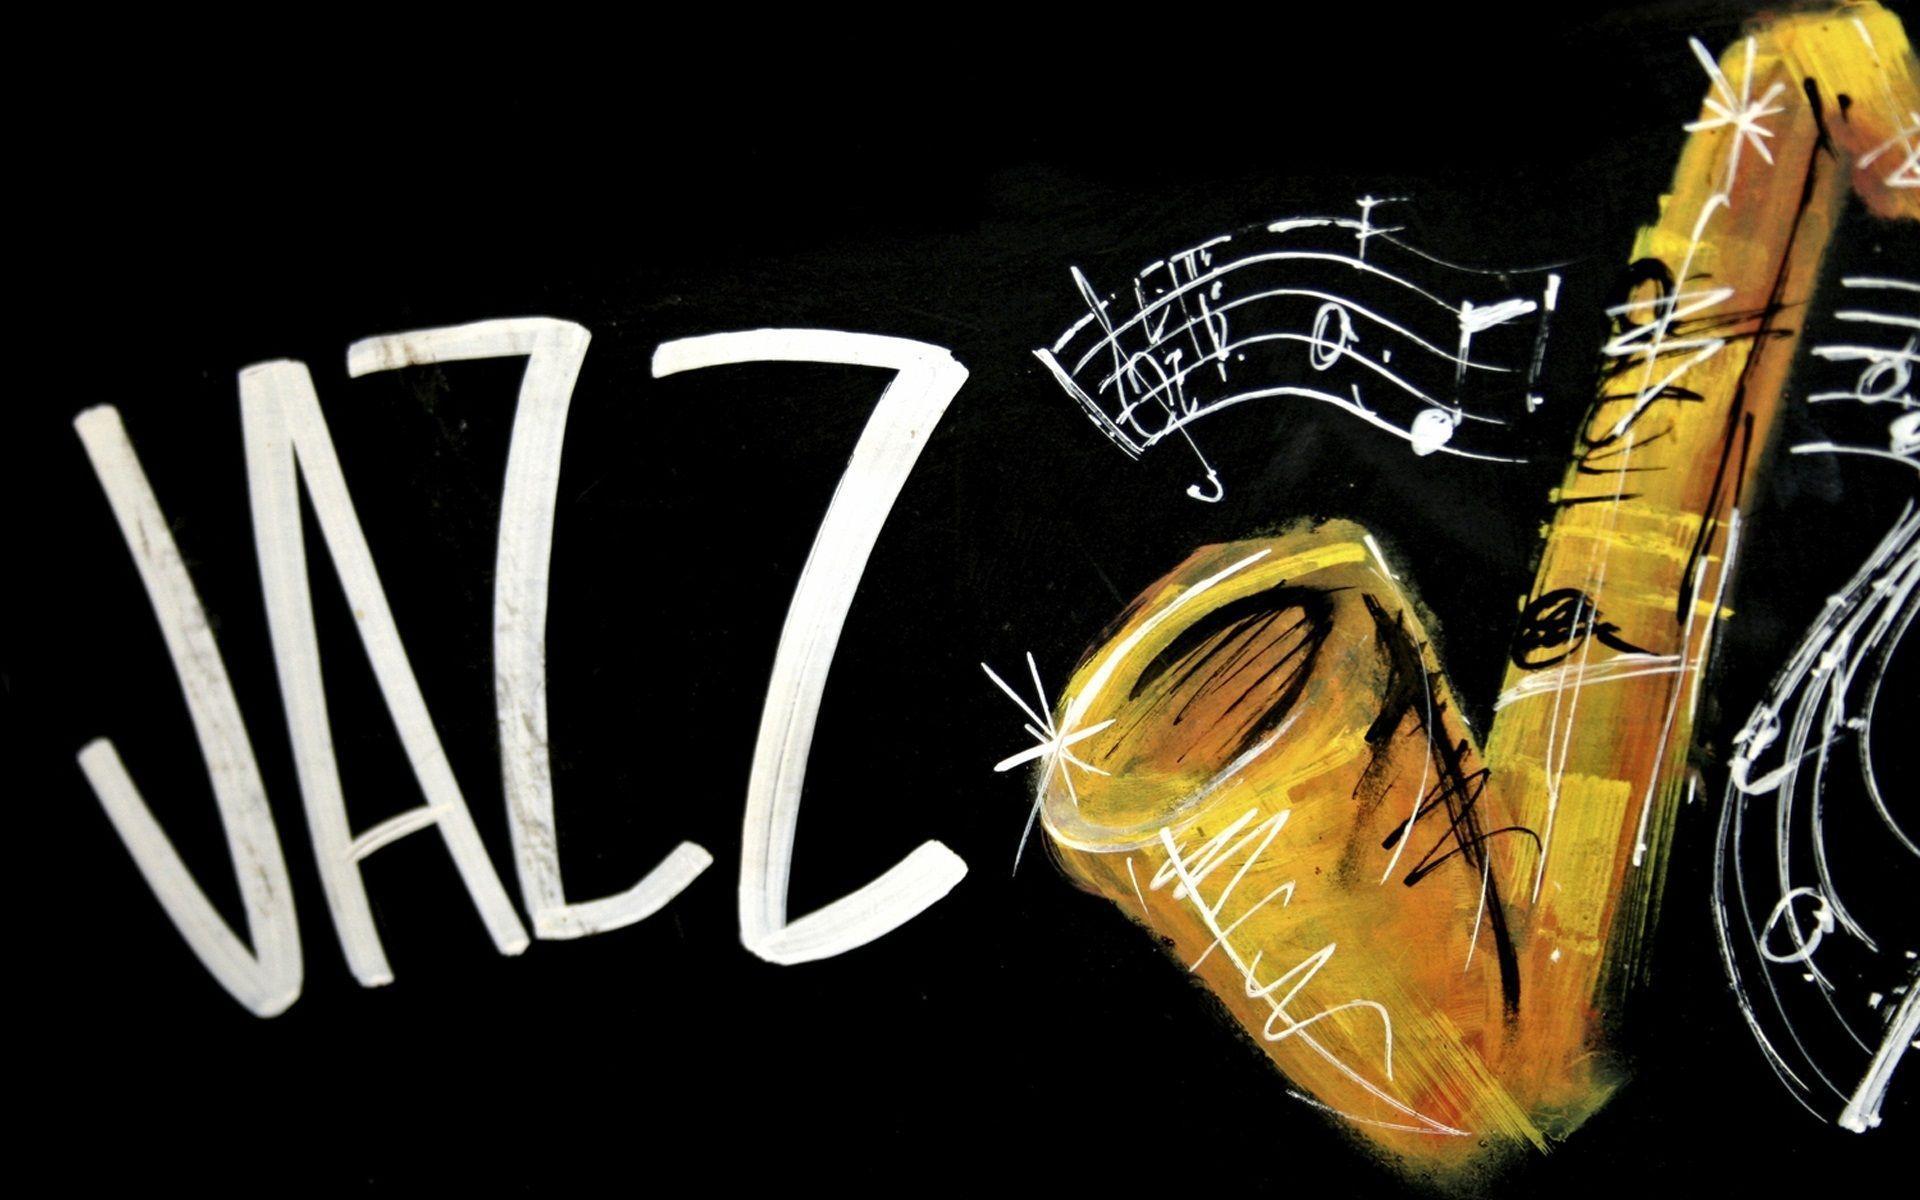 Fonds d'écran Jazz : tous les wallpapers Jazz